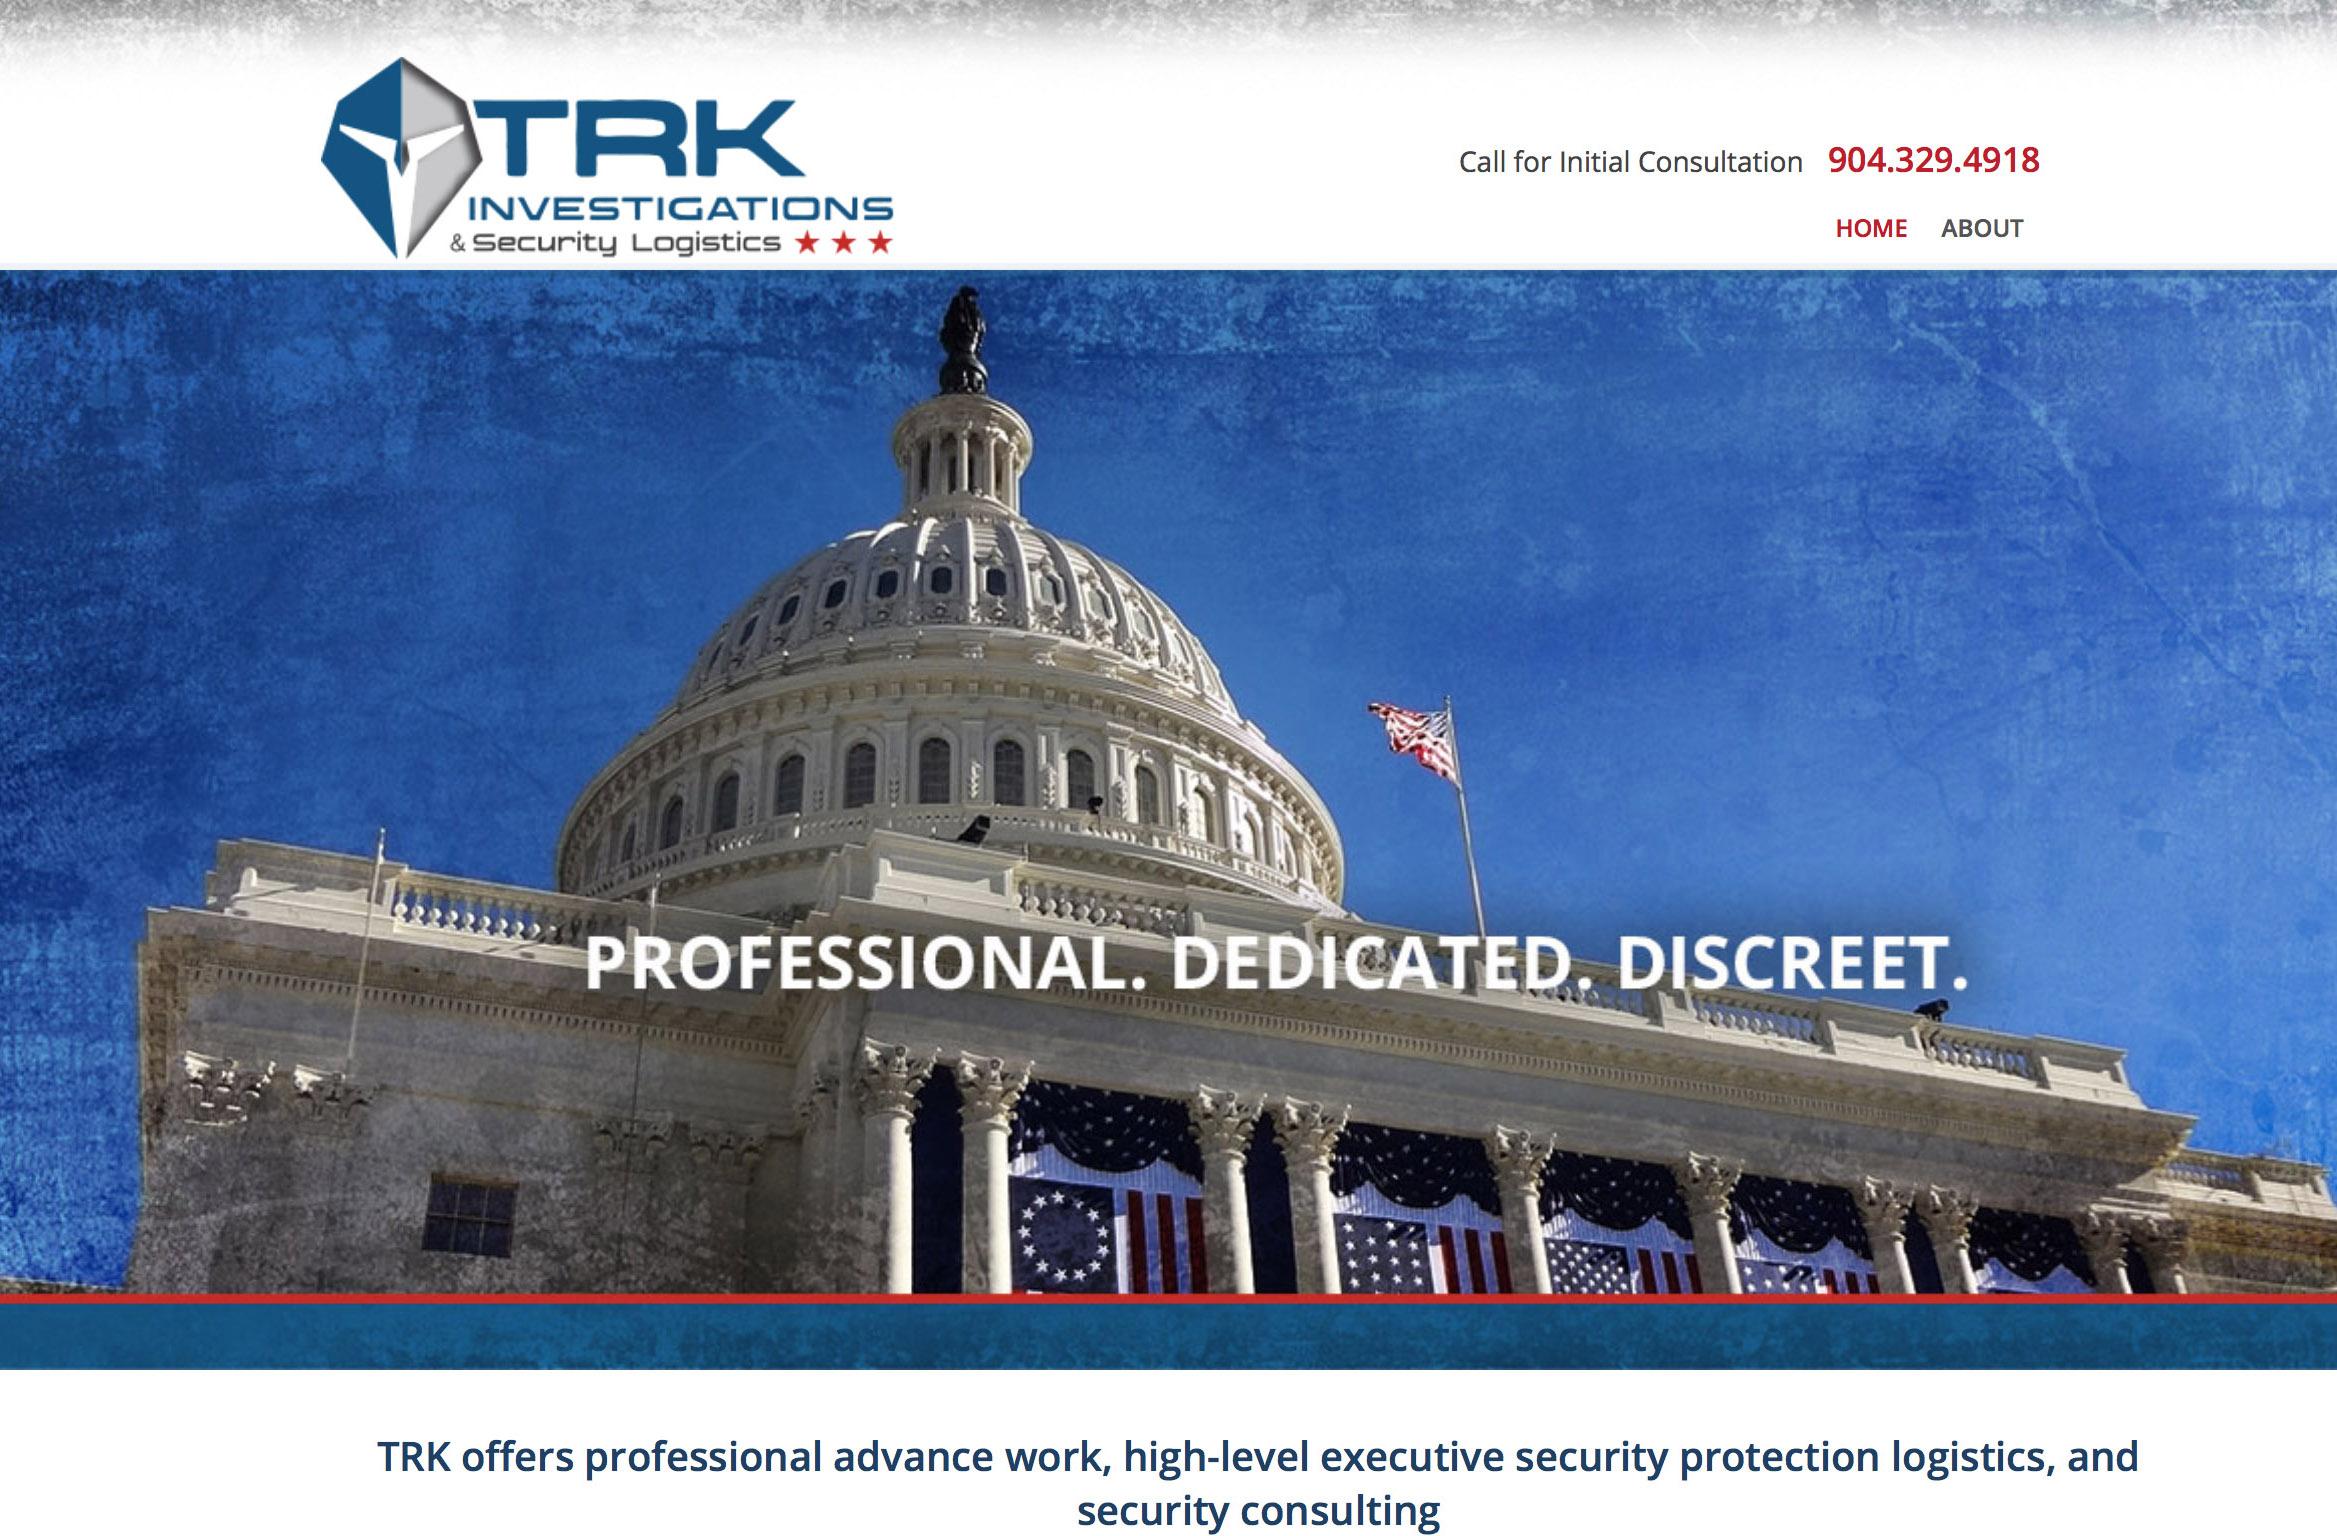 TRK investigations website design jacksonville 2